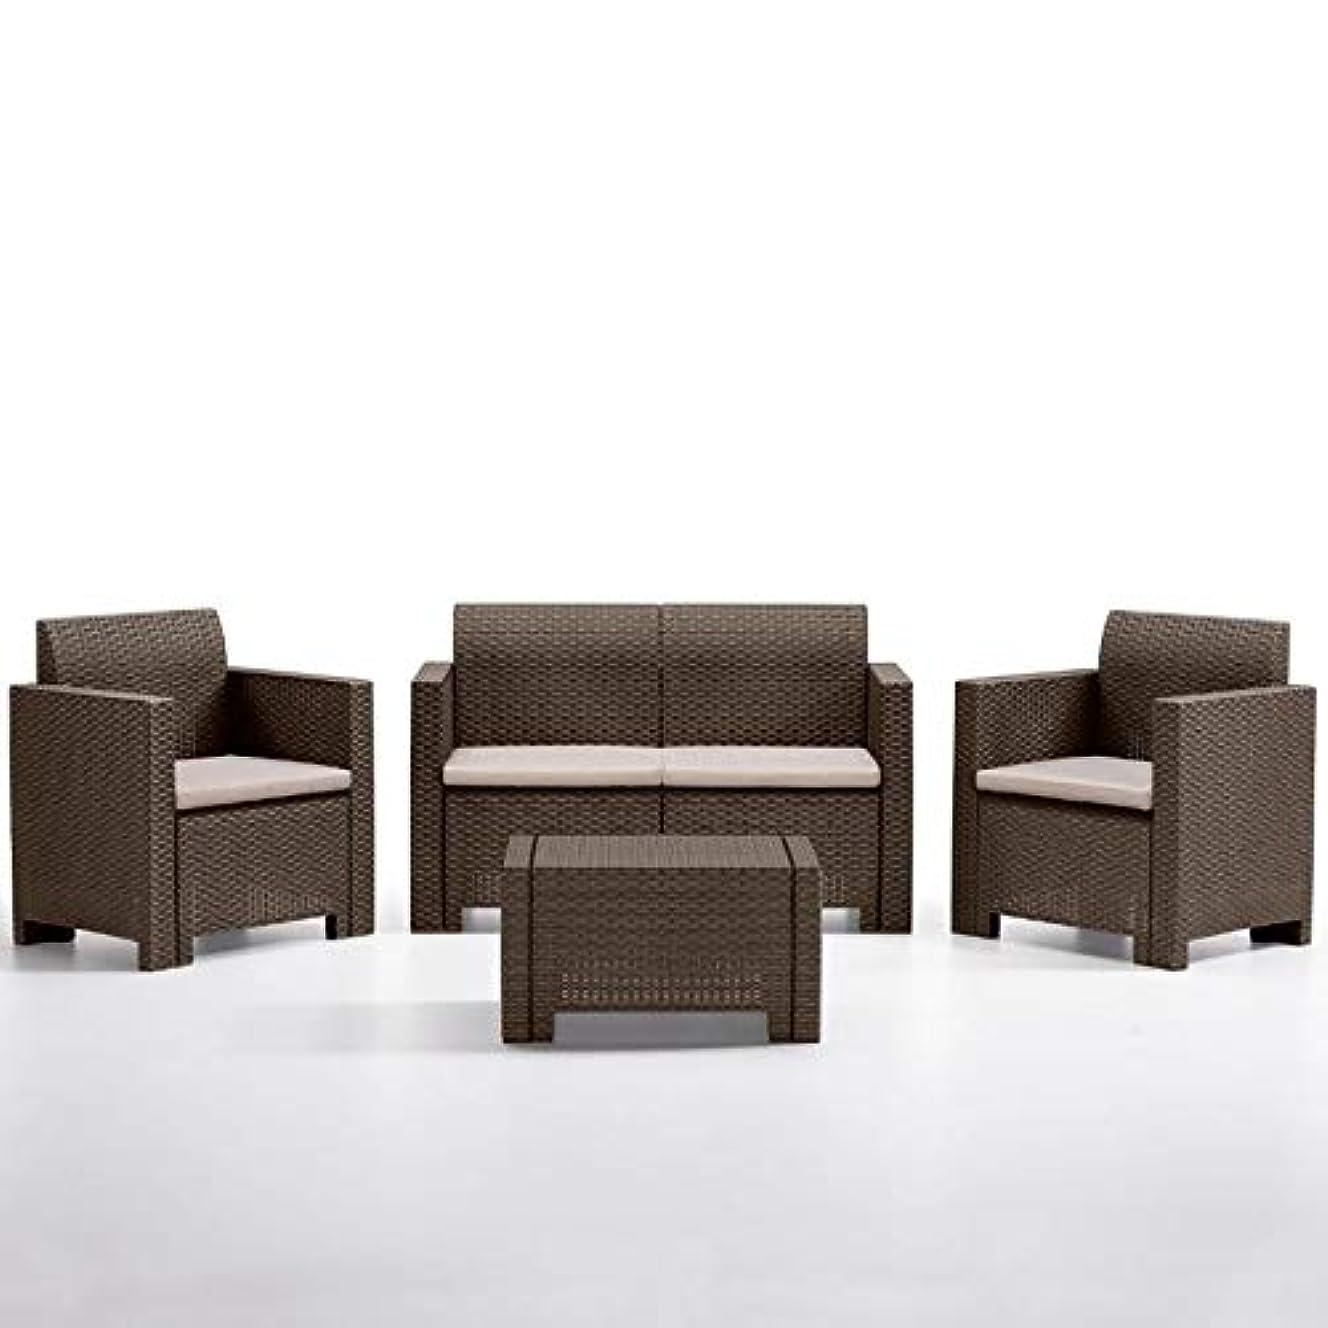 名前を作るパーツ幸運なガーデンテーブルセット ソファ4点セット NEW STAR SET モカ (樹脂 ラタン調 屋外 イス テーブル ガーデン バルコニー イタリア製)